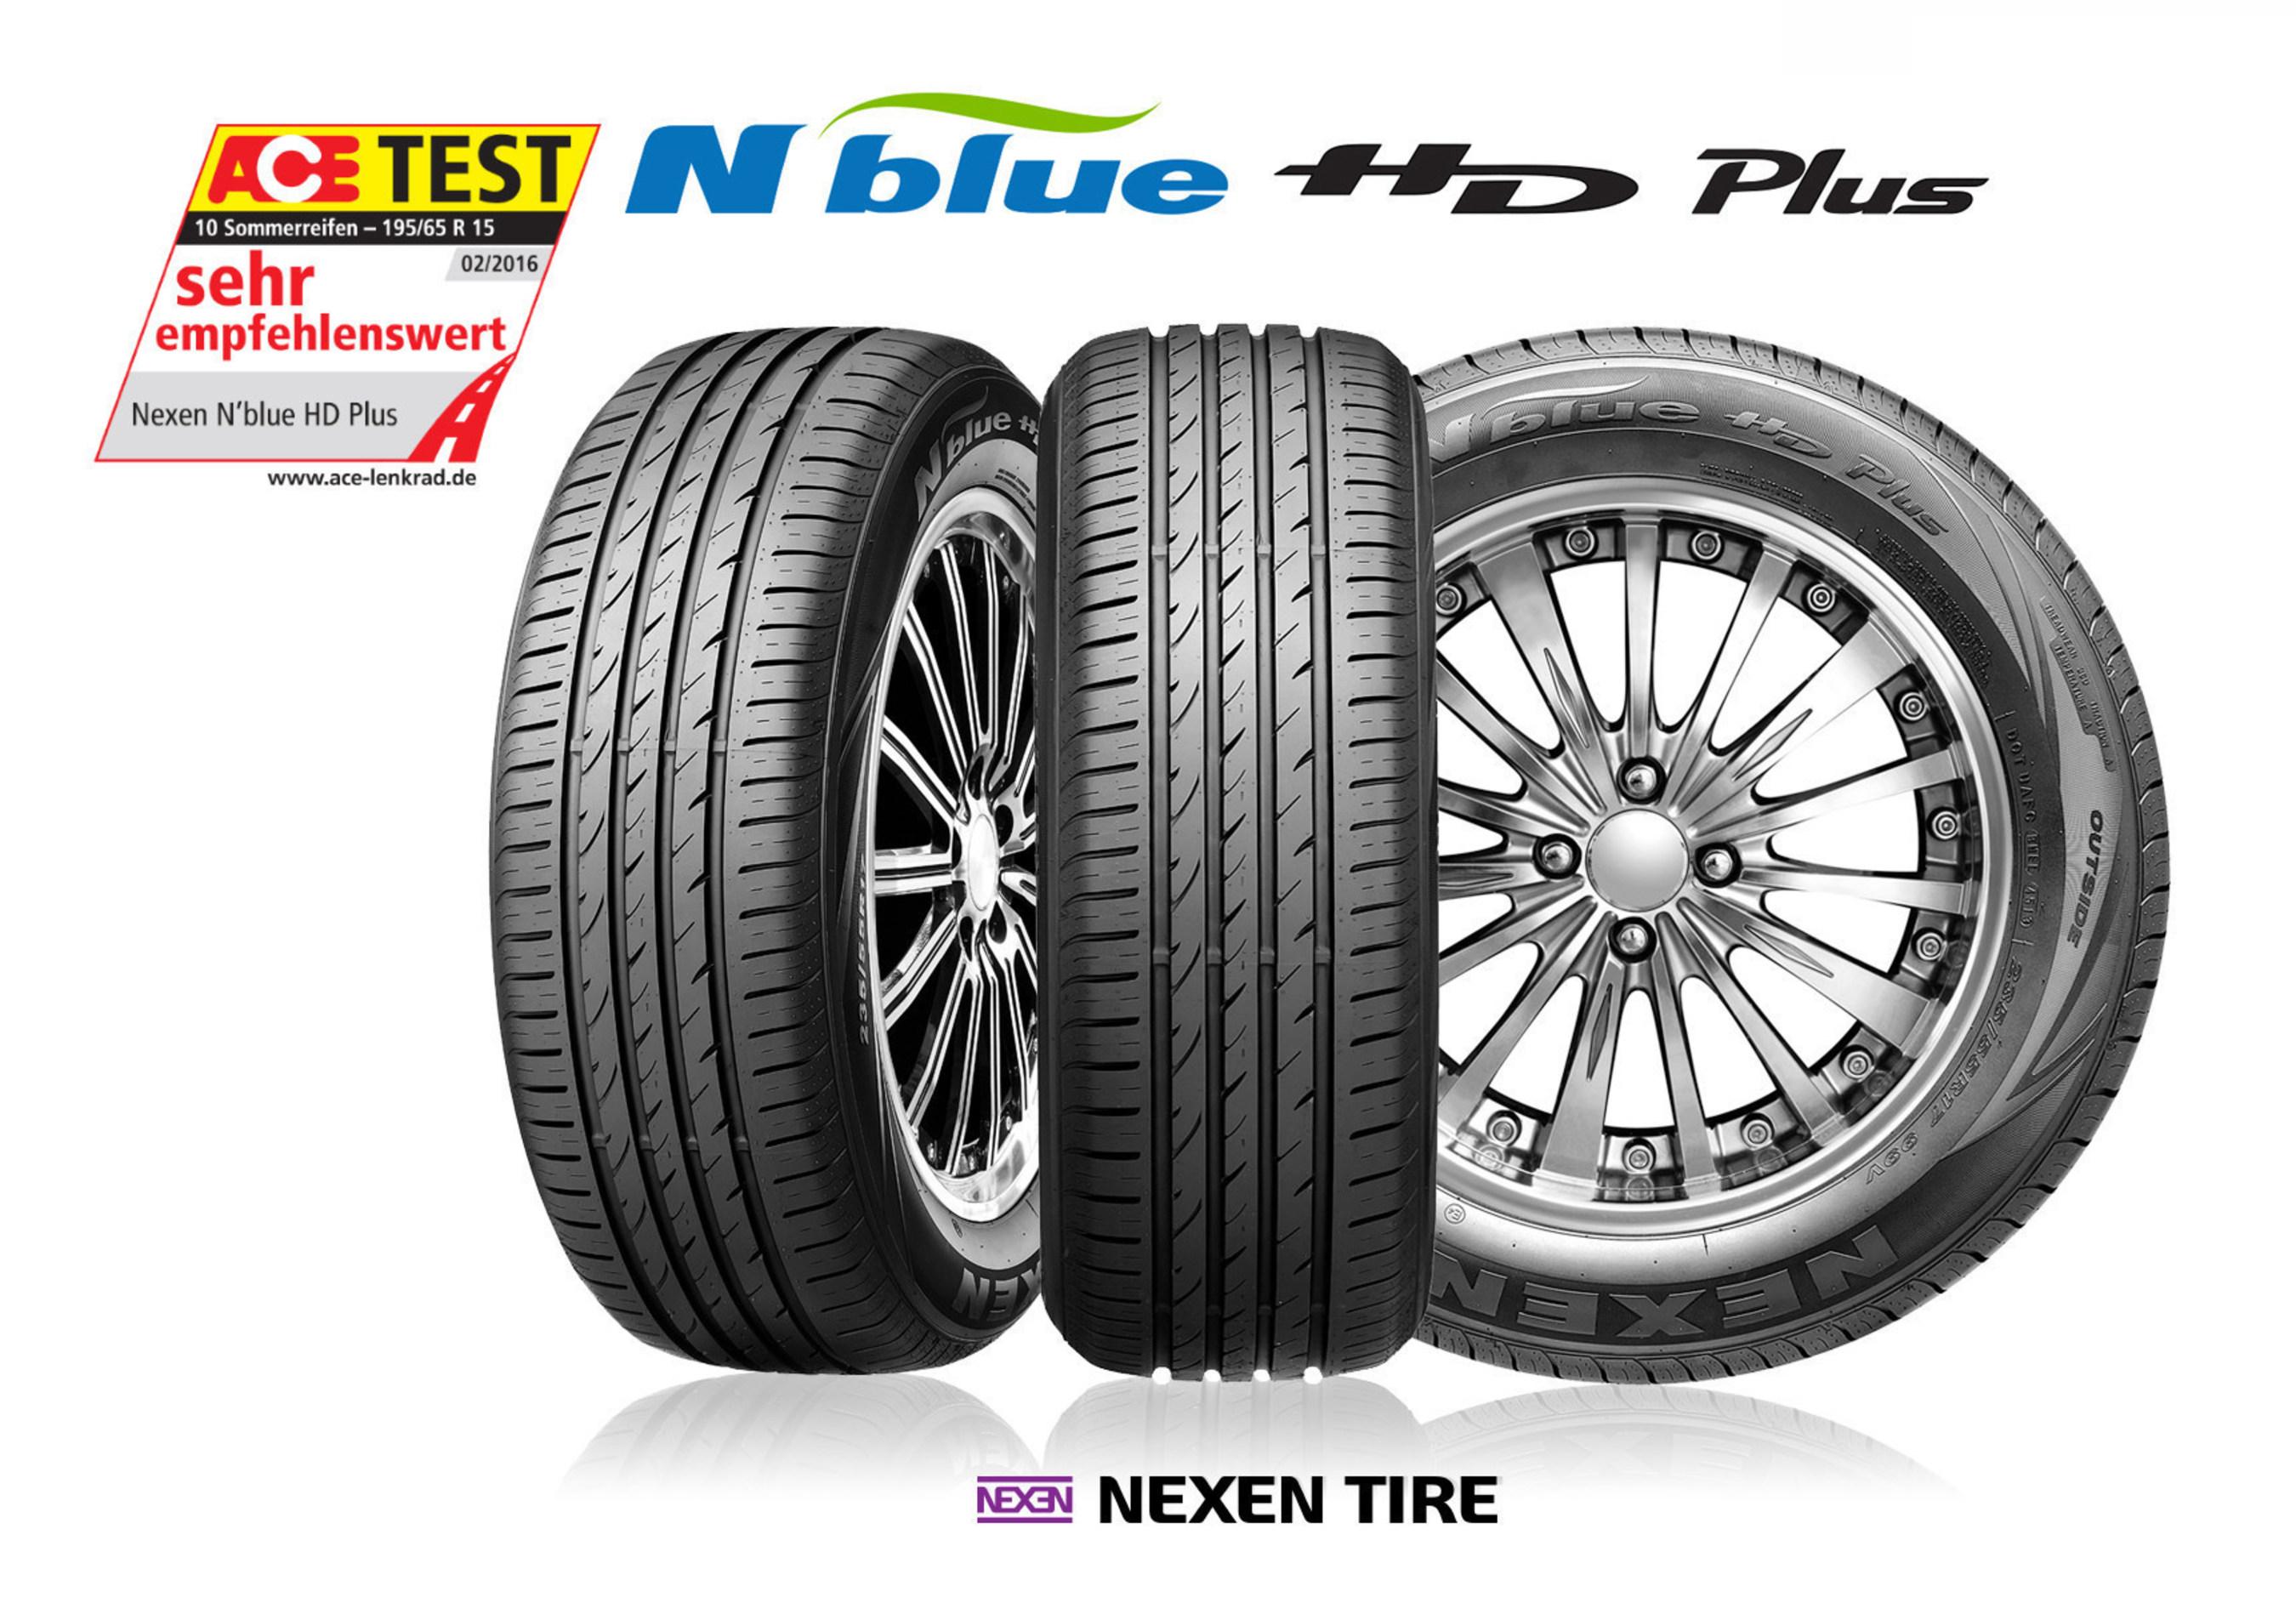 Nexen Tire est classé premier en termes de performances par ACE Lenkrad